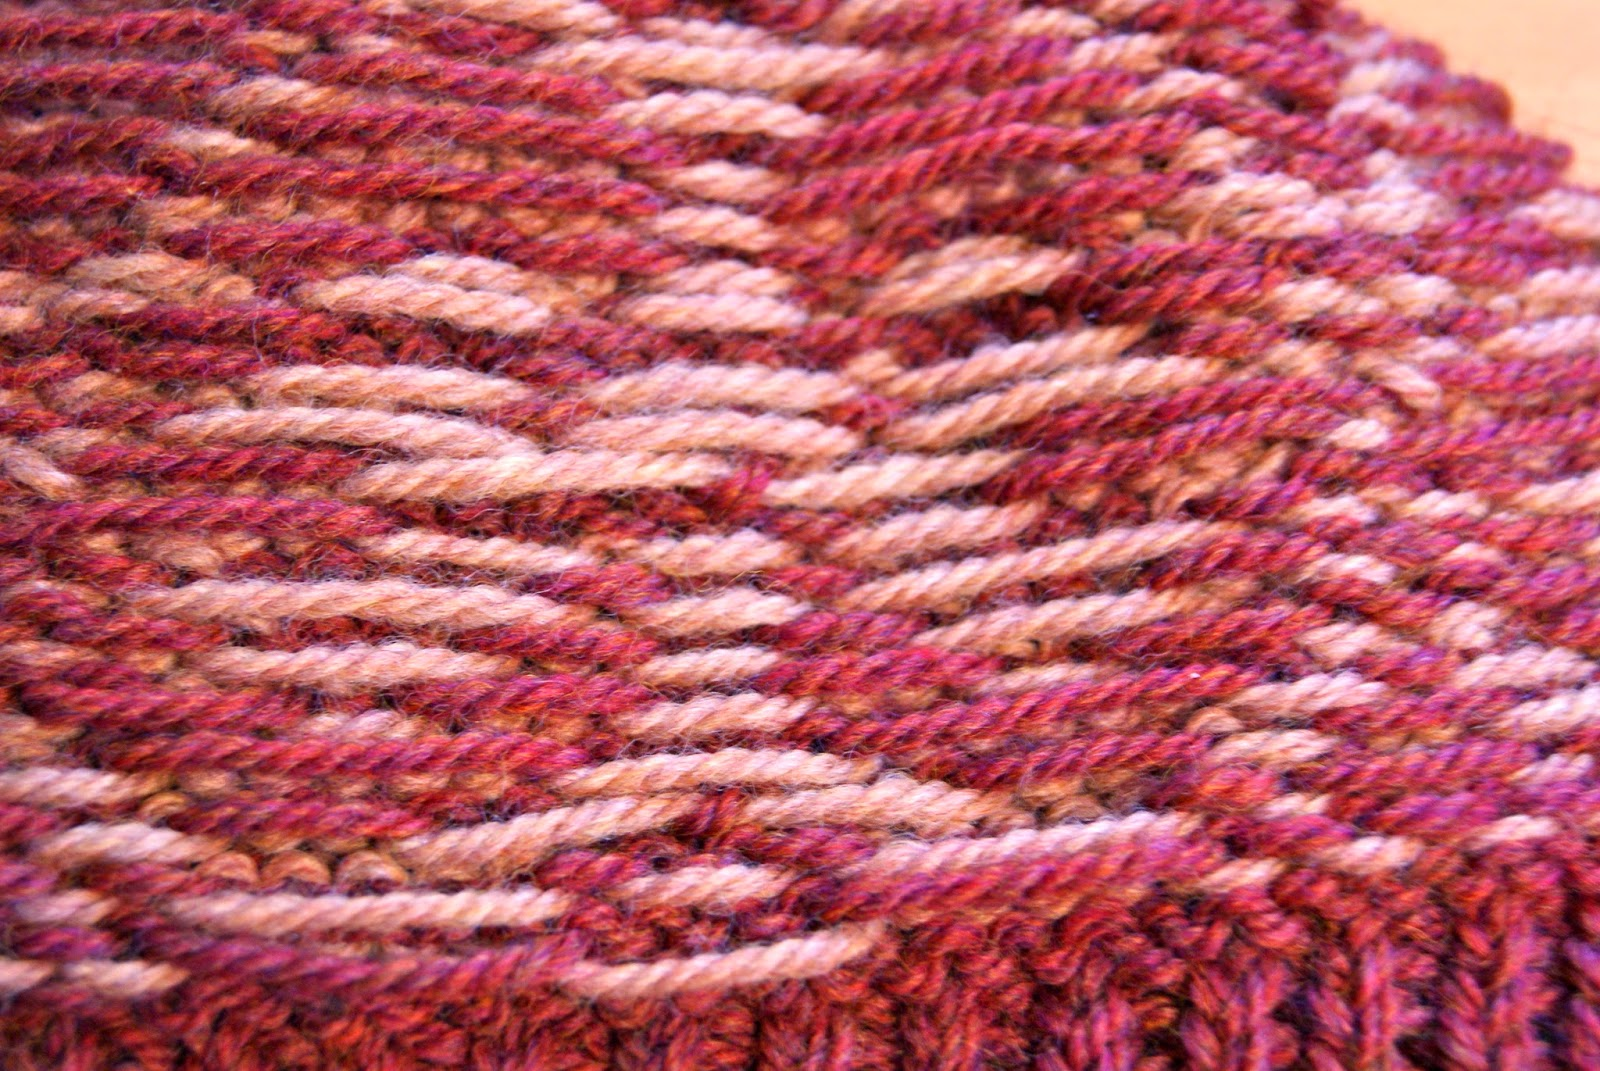 envers d'un tricot à plusieurs couleurs en jacquard